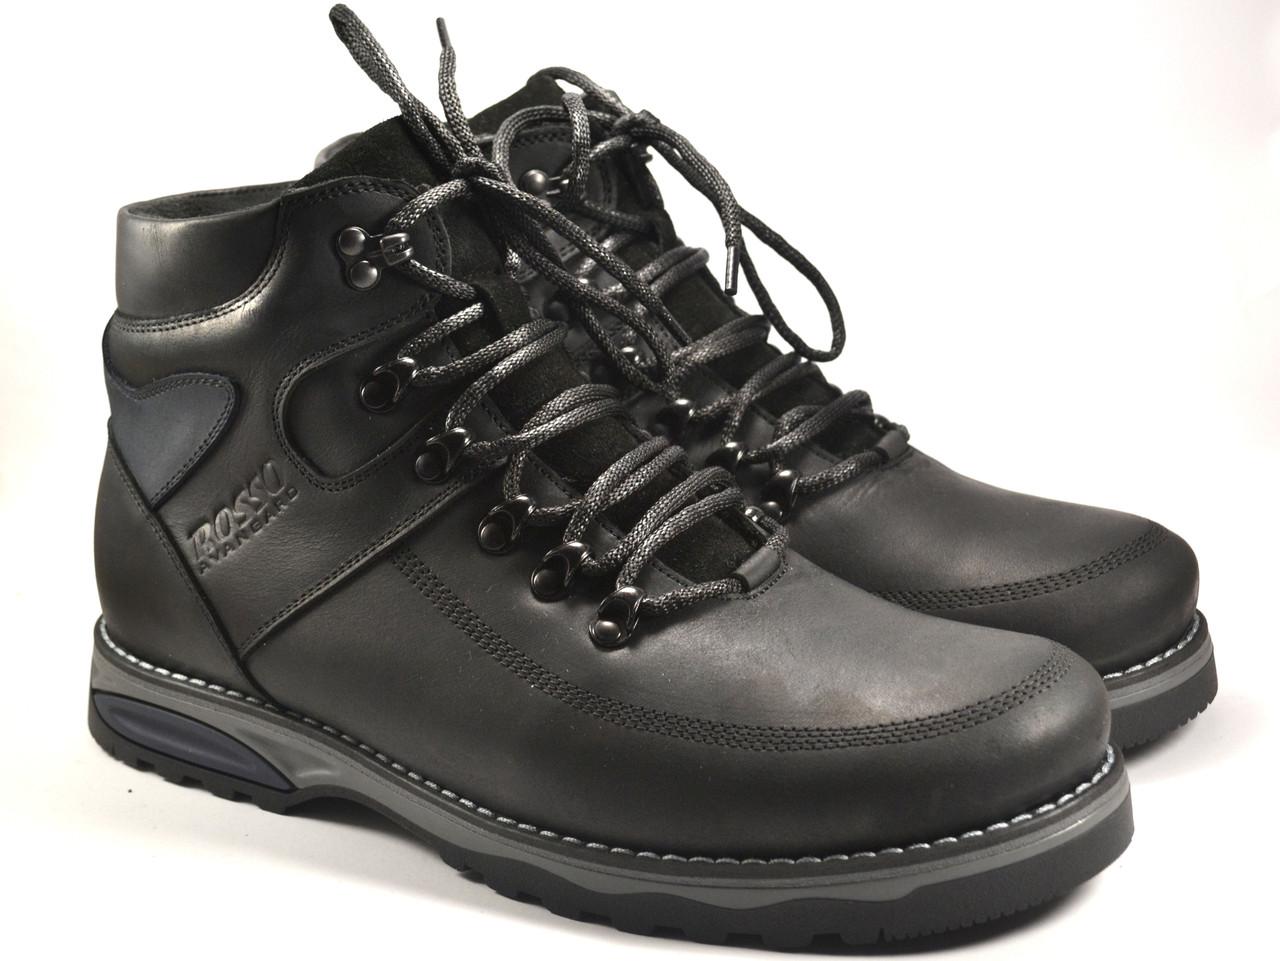 Ботинки зимние мужские черные кожаные на меху Rosso Avangard Major Payne Sport Trend Black